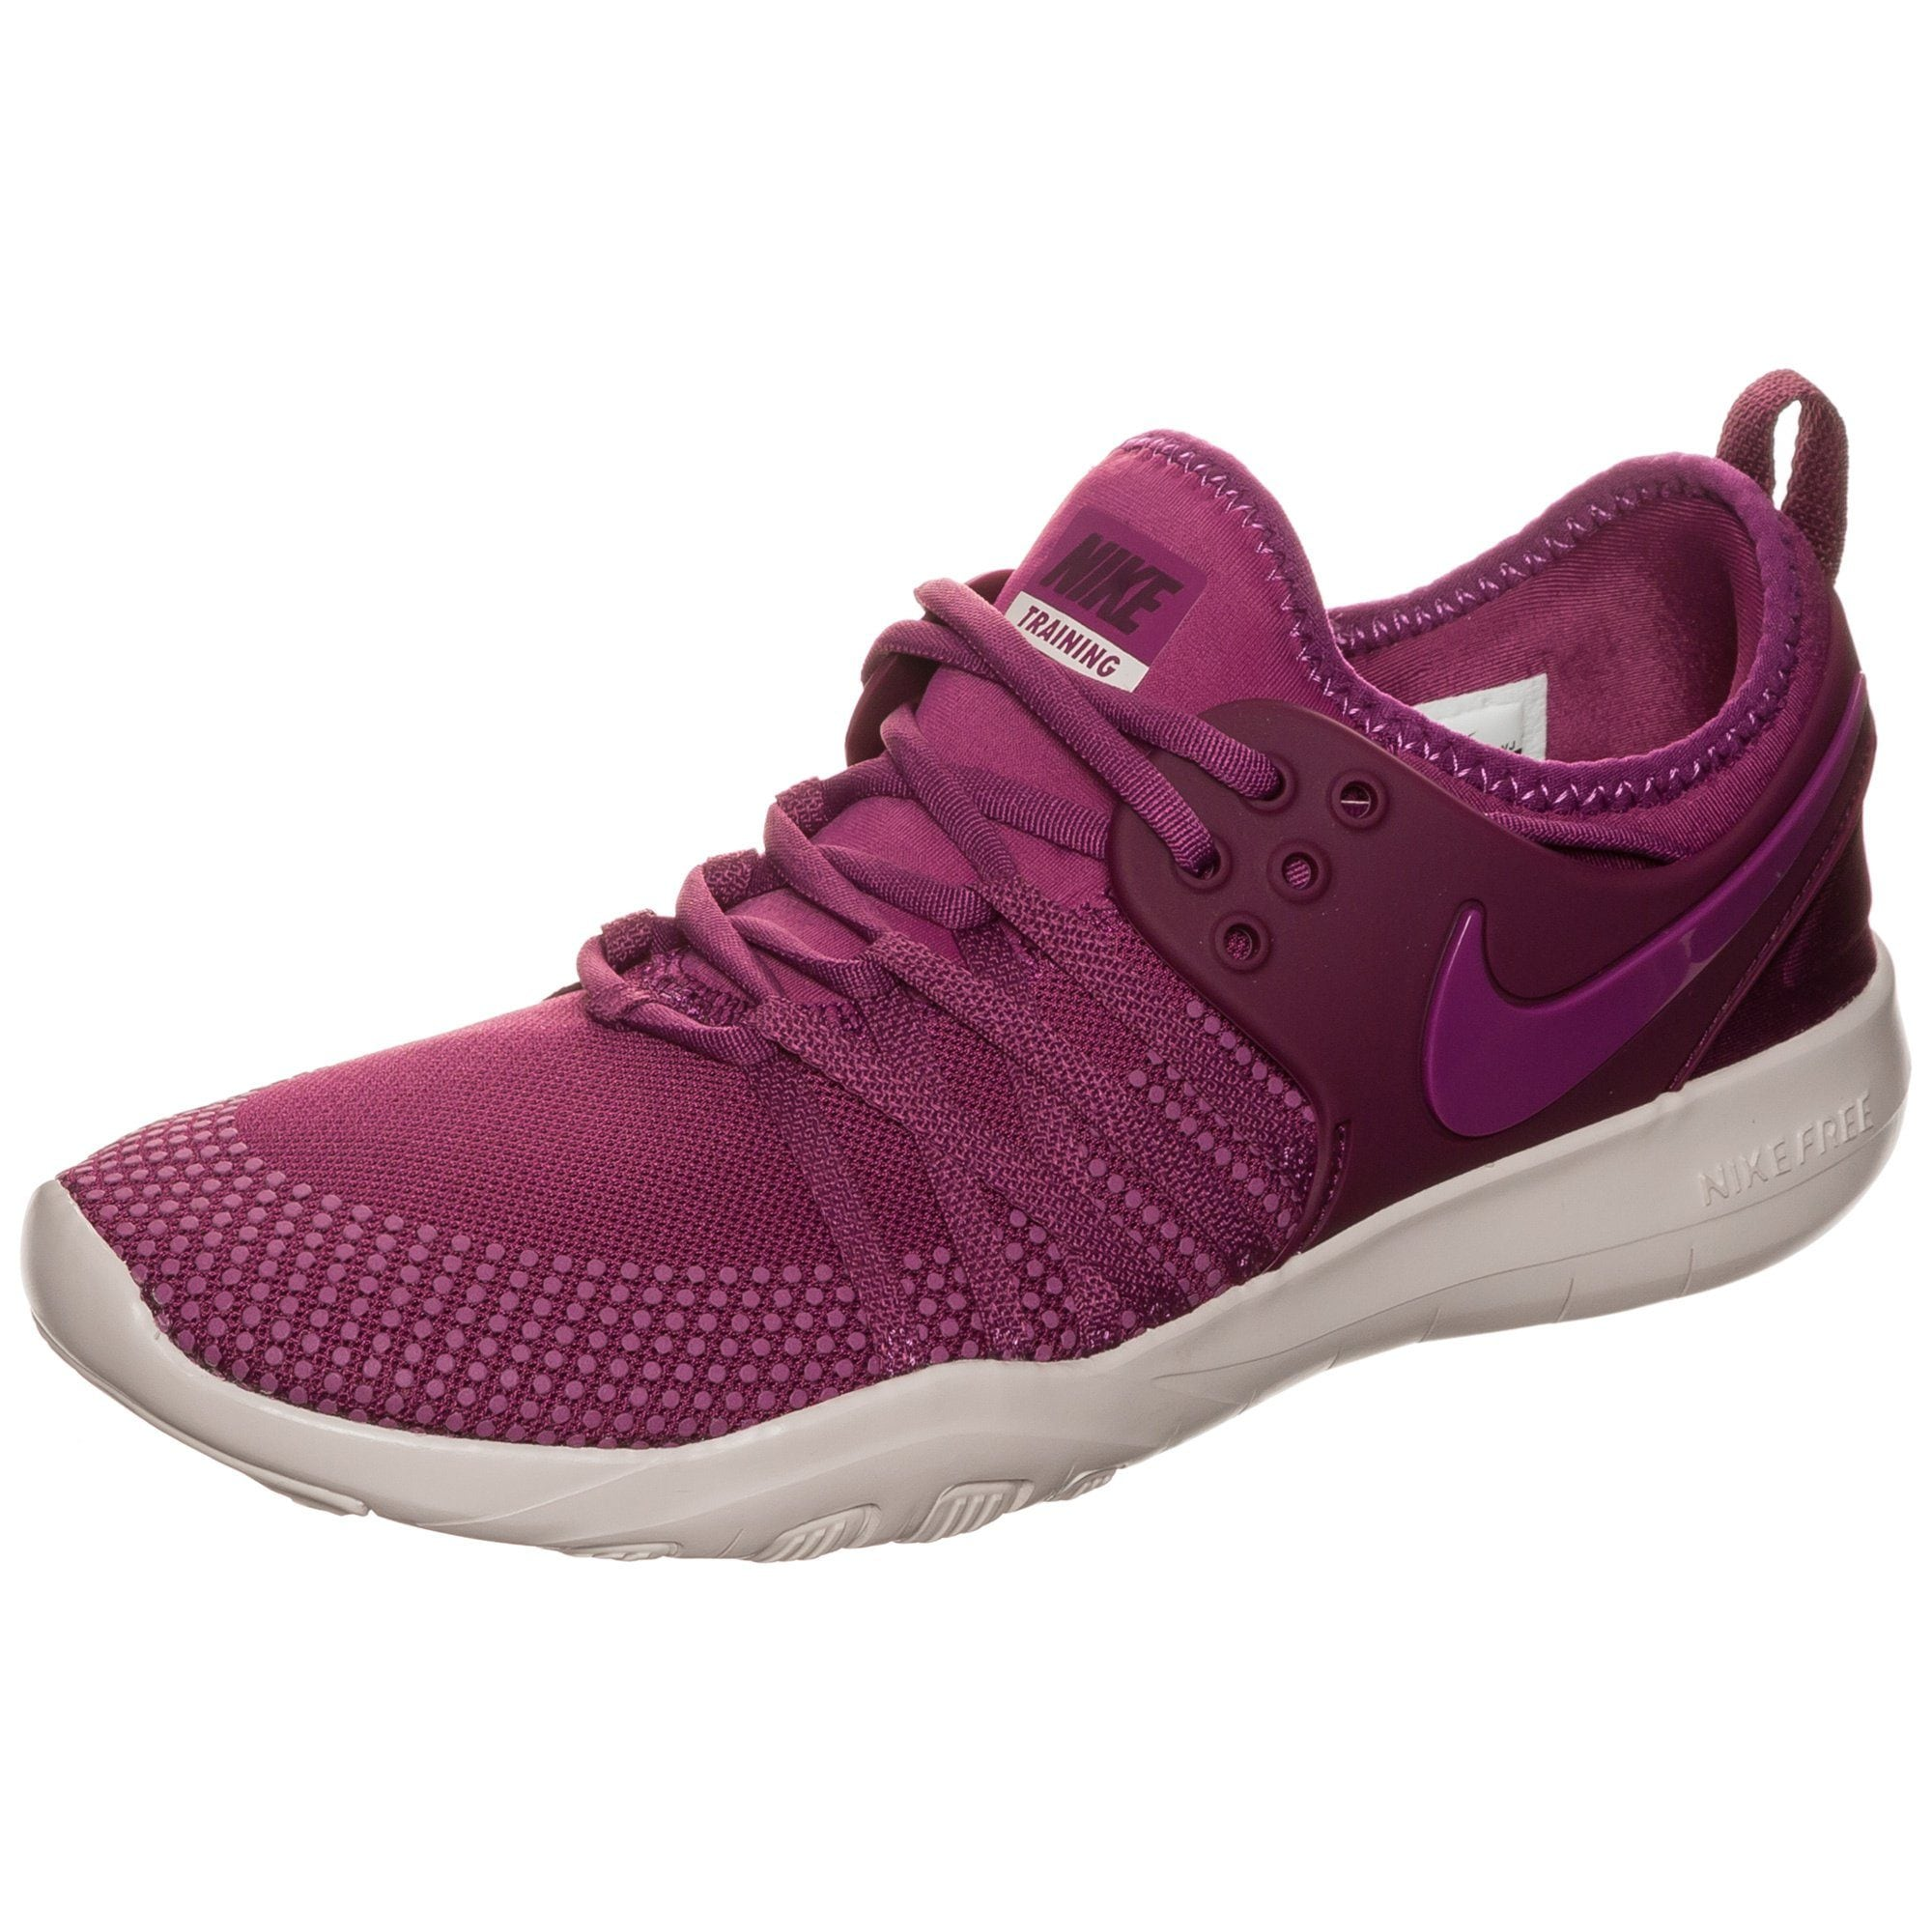 Nike Trainingsschuh Free Trainer 7 gnstig kaufen | Gutes Gutes Gutes Preis-Leistungs-Verhältnis, es lohnt sich f76790